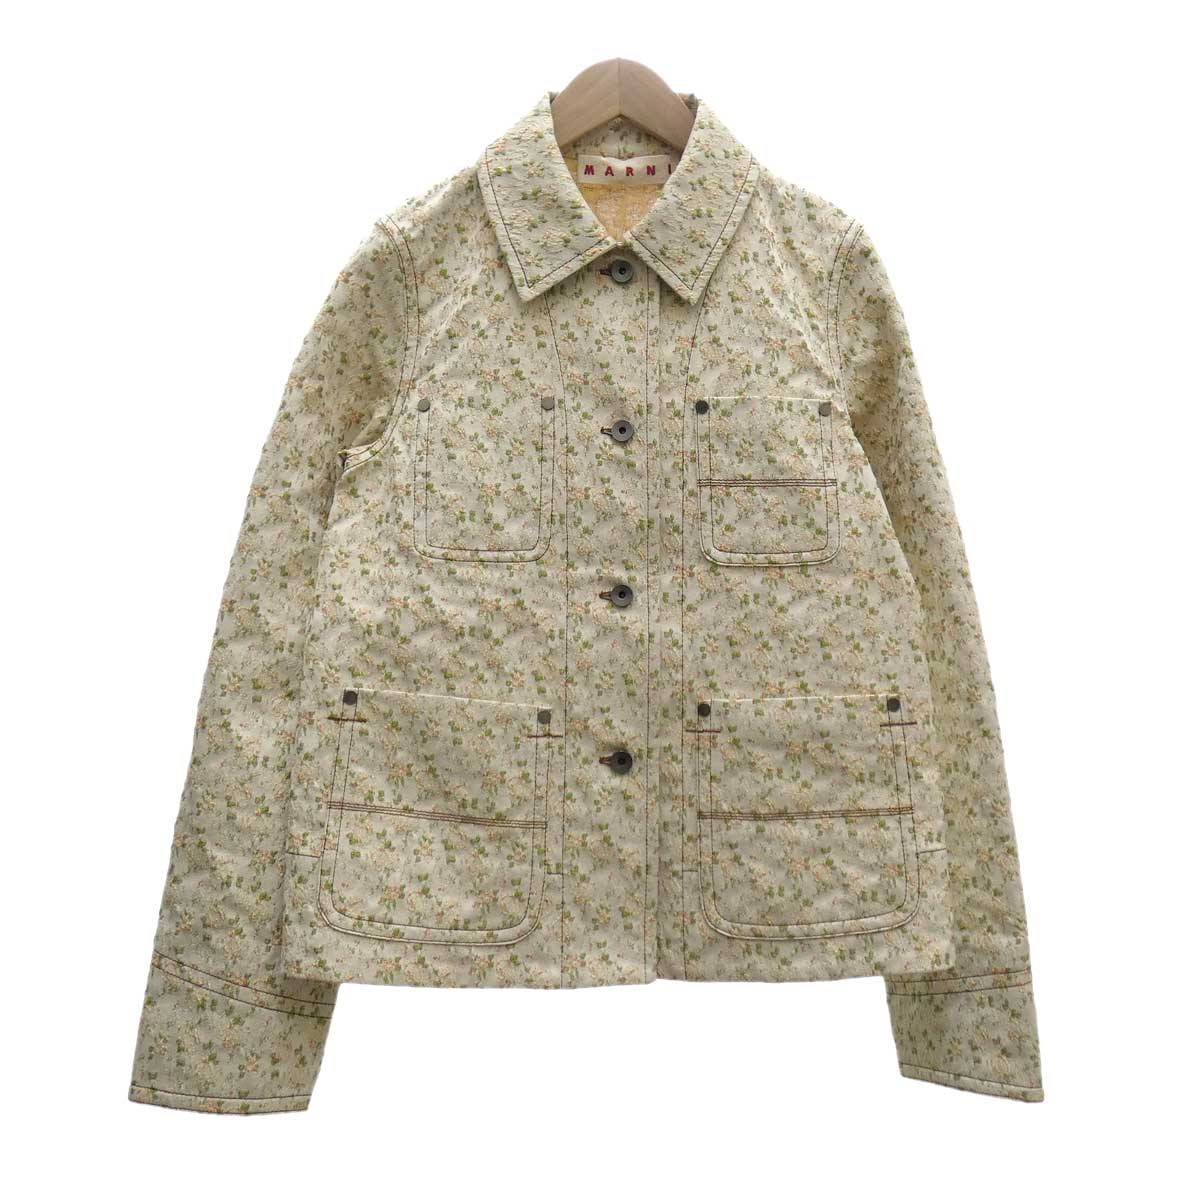 【中古】MARNI花柄刺繍ジャケット オフホワイト サイズ:40